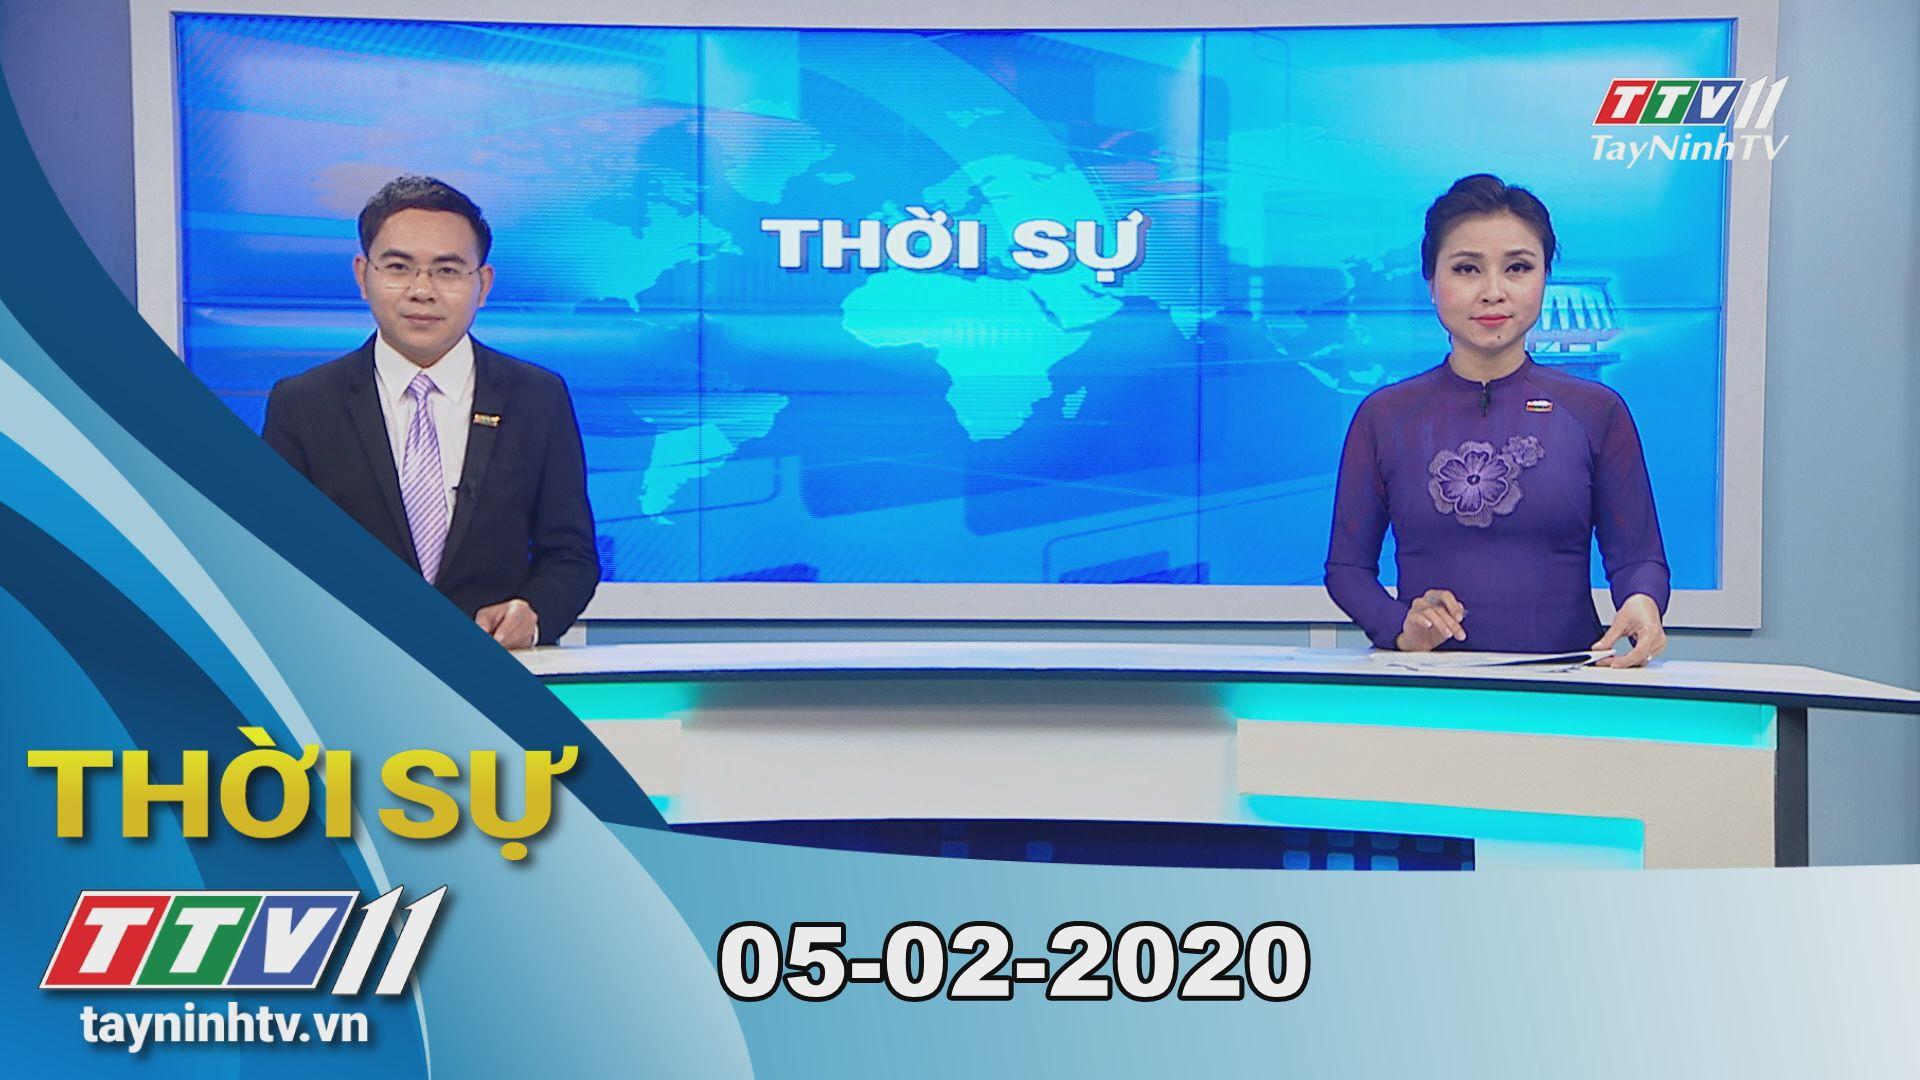 Thời sự Tây Ninh 05-02-2020 | Tin tức hôm nay | TayNinhTV